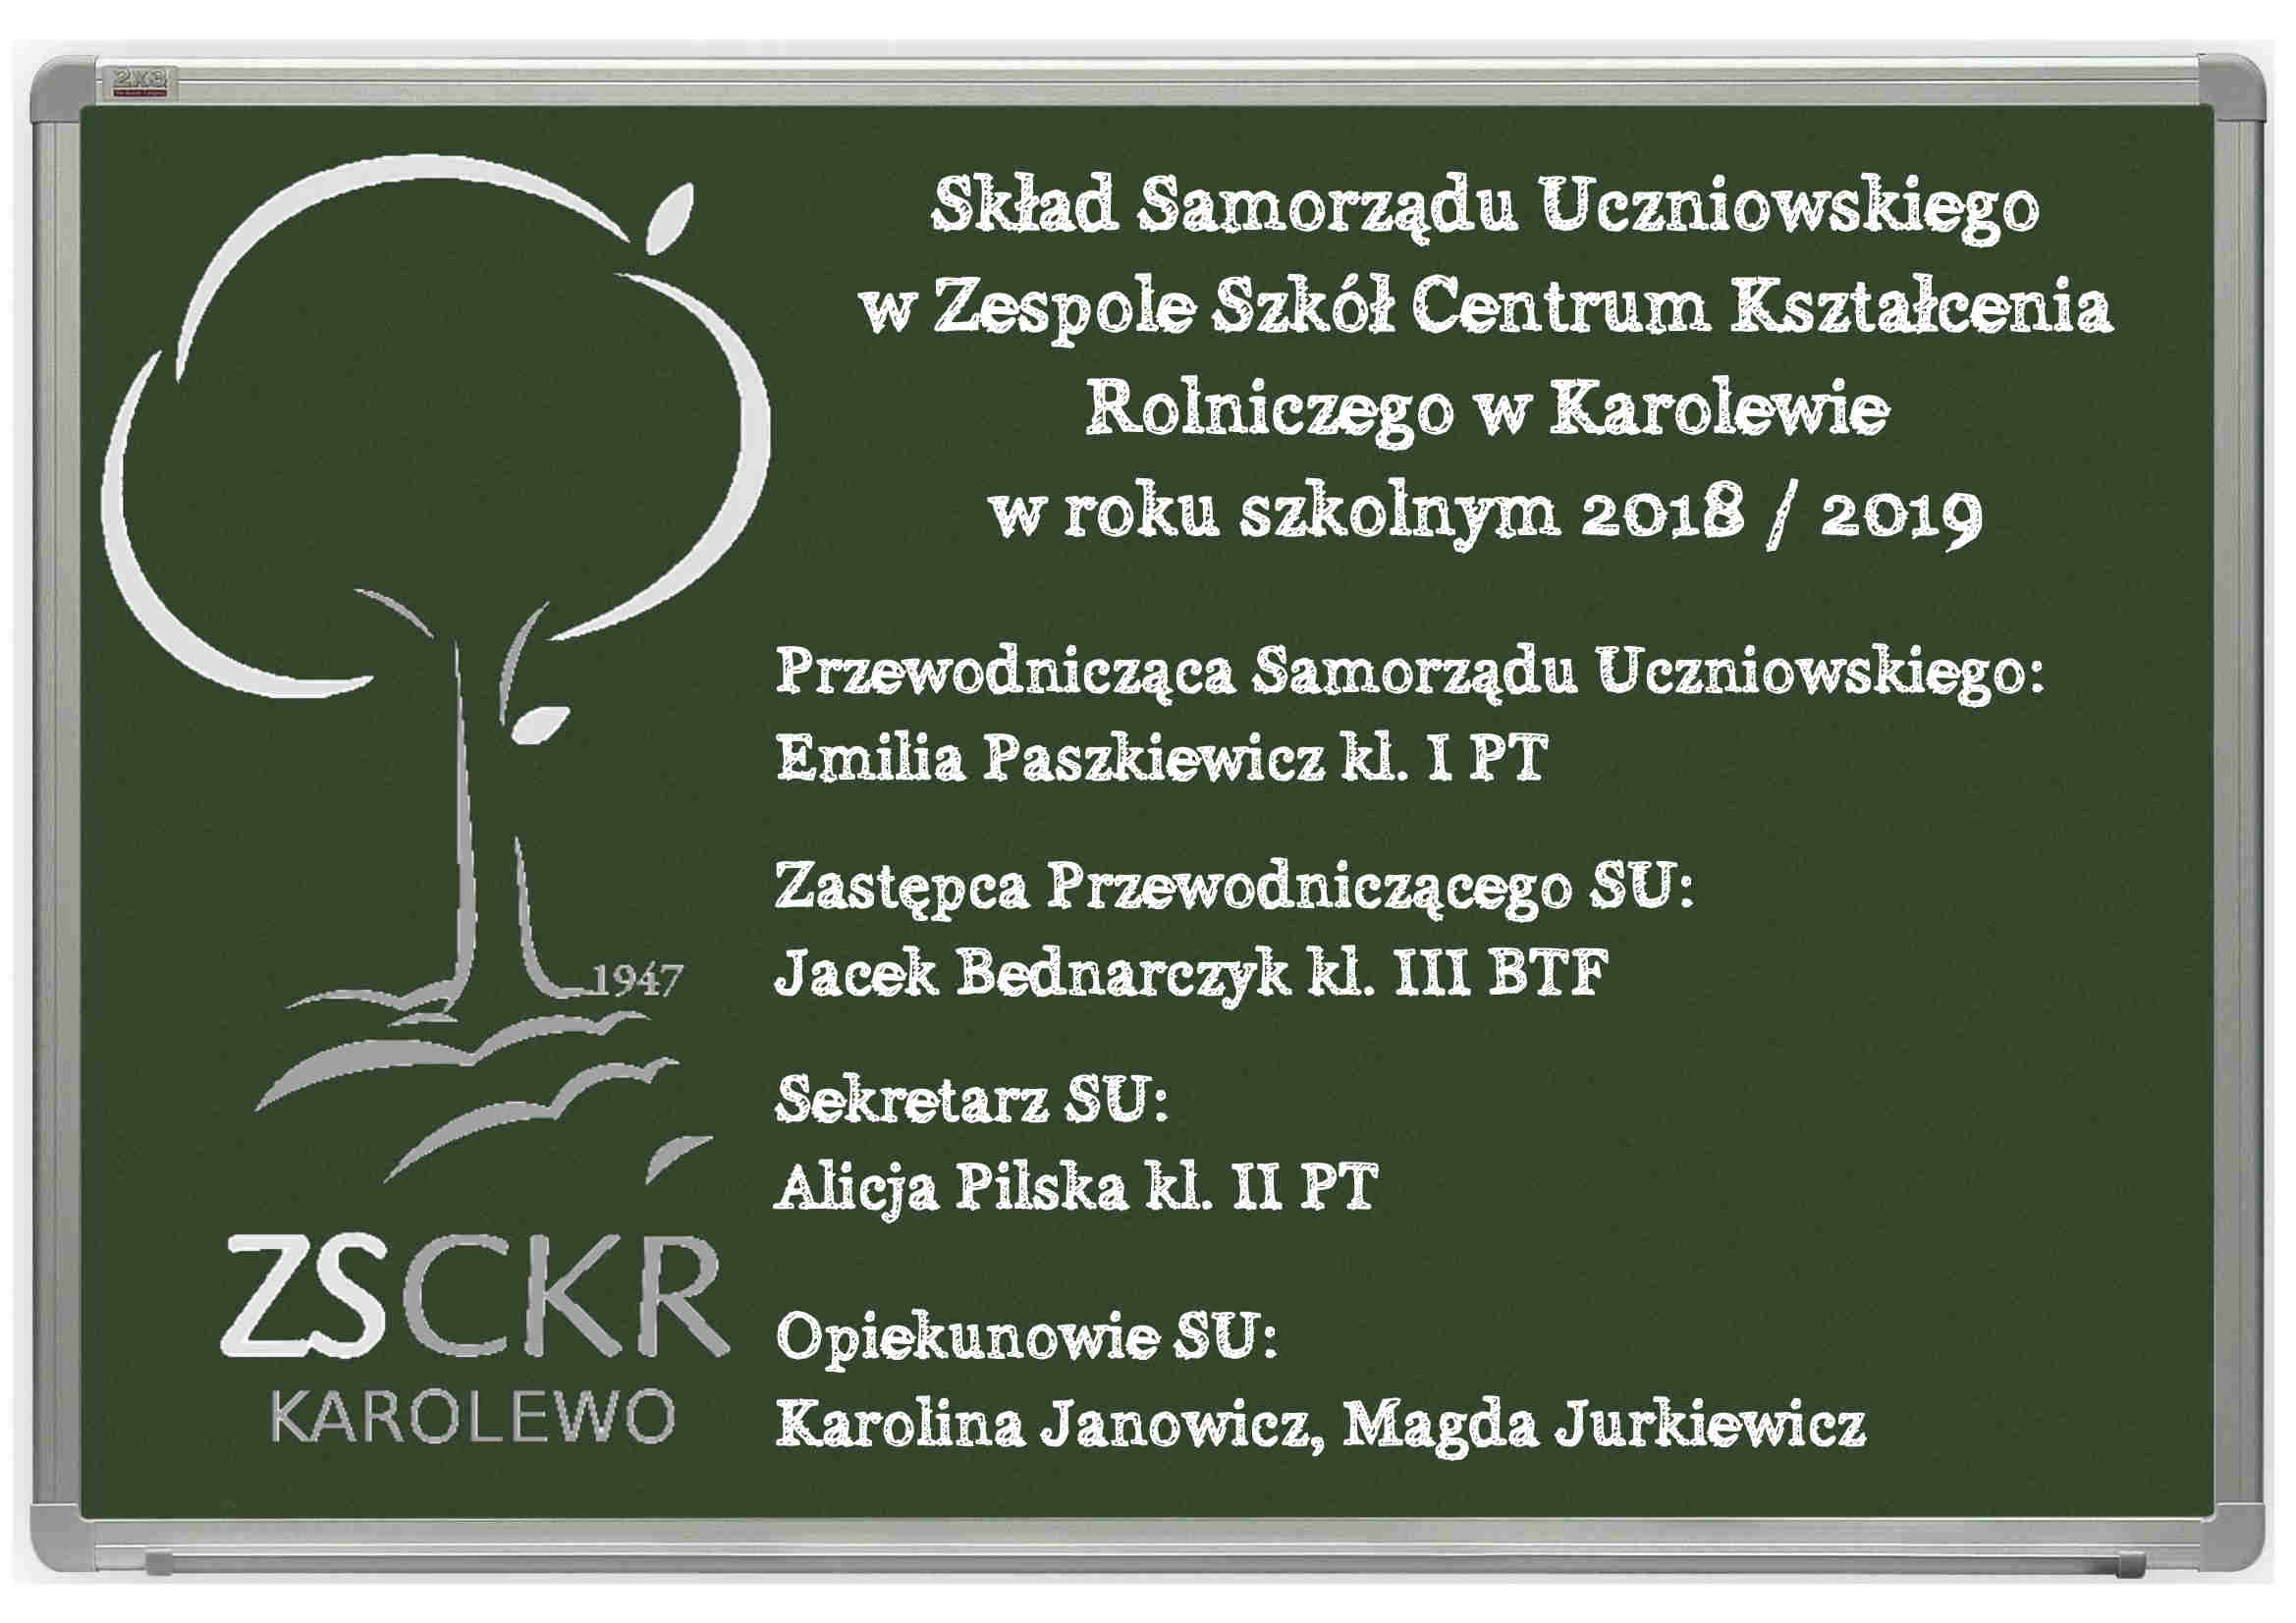 Skład-Samorządu-Uczniowskiego.jpg